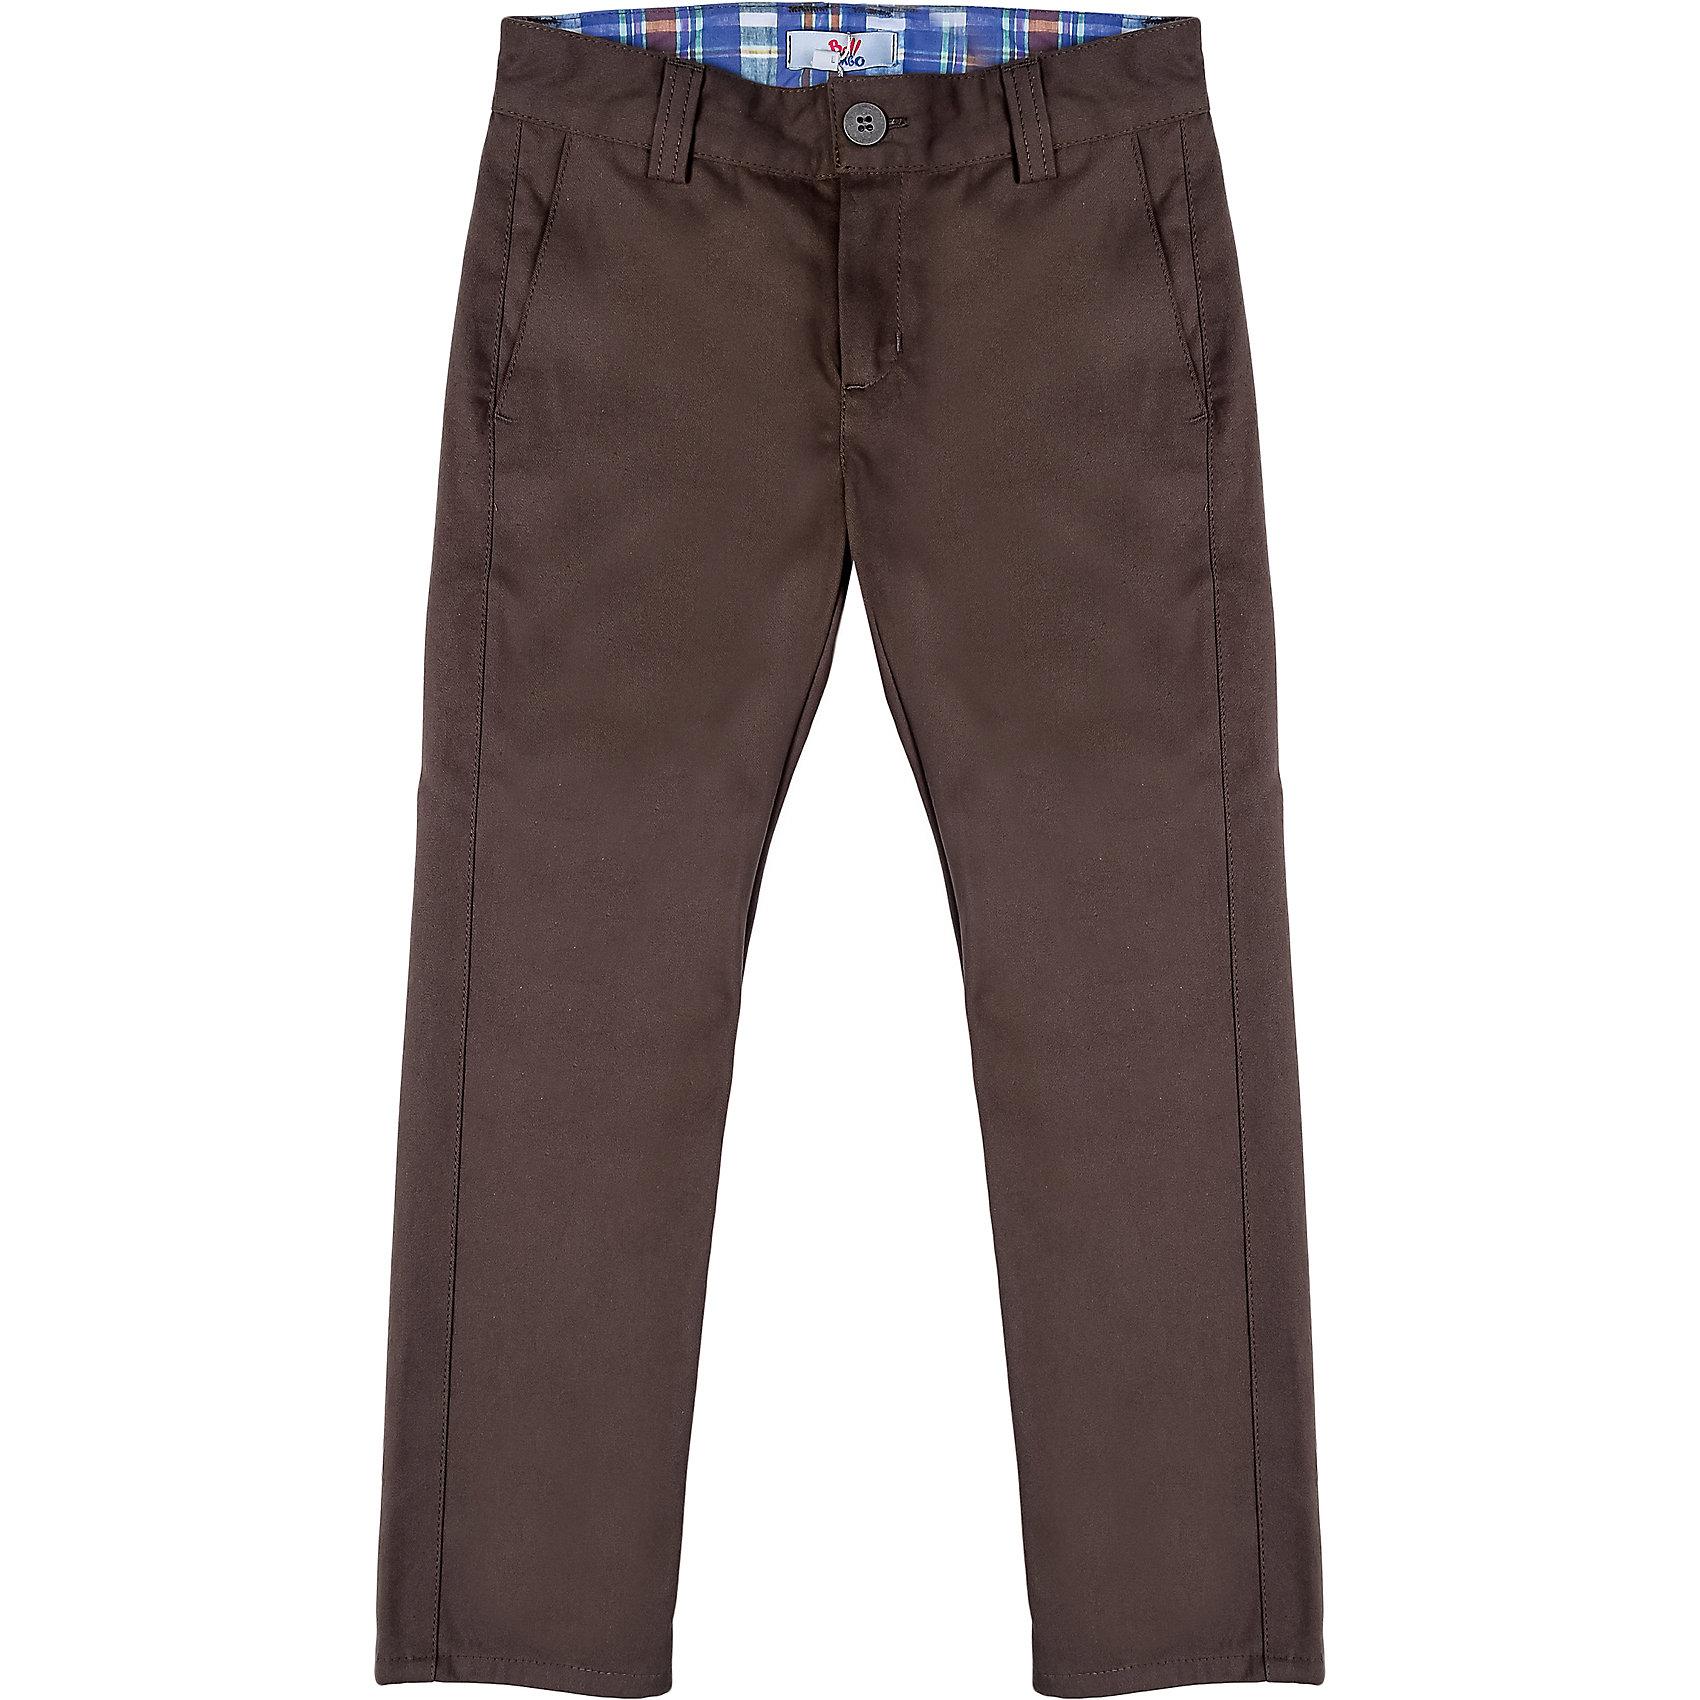 Брюки для мальчика Bell BimboБрюки для мальчика от марки Bell Bimbo.<br>Однотонные брюки дополнены двумя  карманами спереди, двумя  карманами сзади, застежка молния+пуговица,  шлёвки для ремня.<br>Состав:<br>твил 100% хлопок<br><br>Ширина мм: 215<br>Глубина мм: 88<br>Высота мм: 191<br>Вес г: 336<br>Цвет: коричневый<br>Возраст от месяцев: 72<br>Возраст до месяцев: 84<br>Пол: Мужской<br>Возраст: Детский<br>Размер: 122,116,110,104,98<br>SKU: 4578894